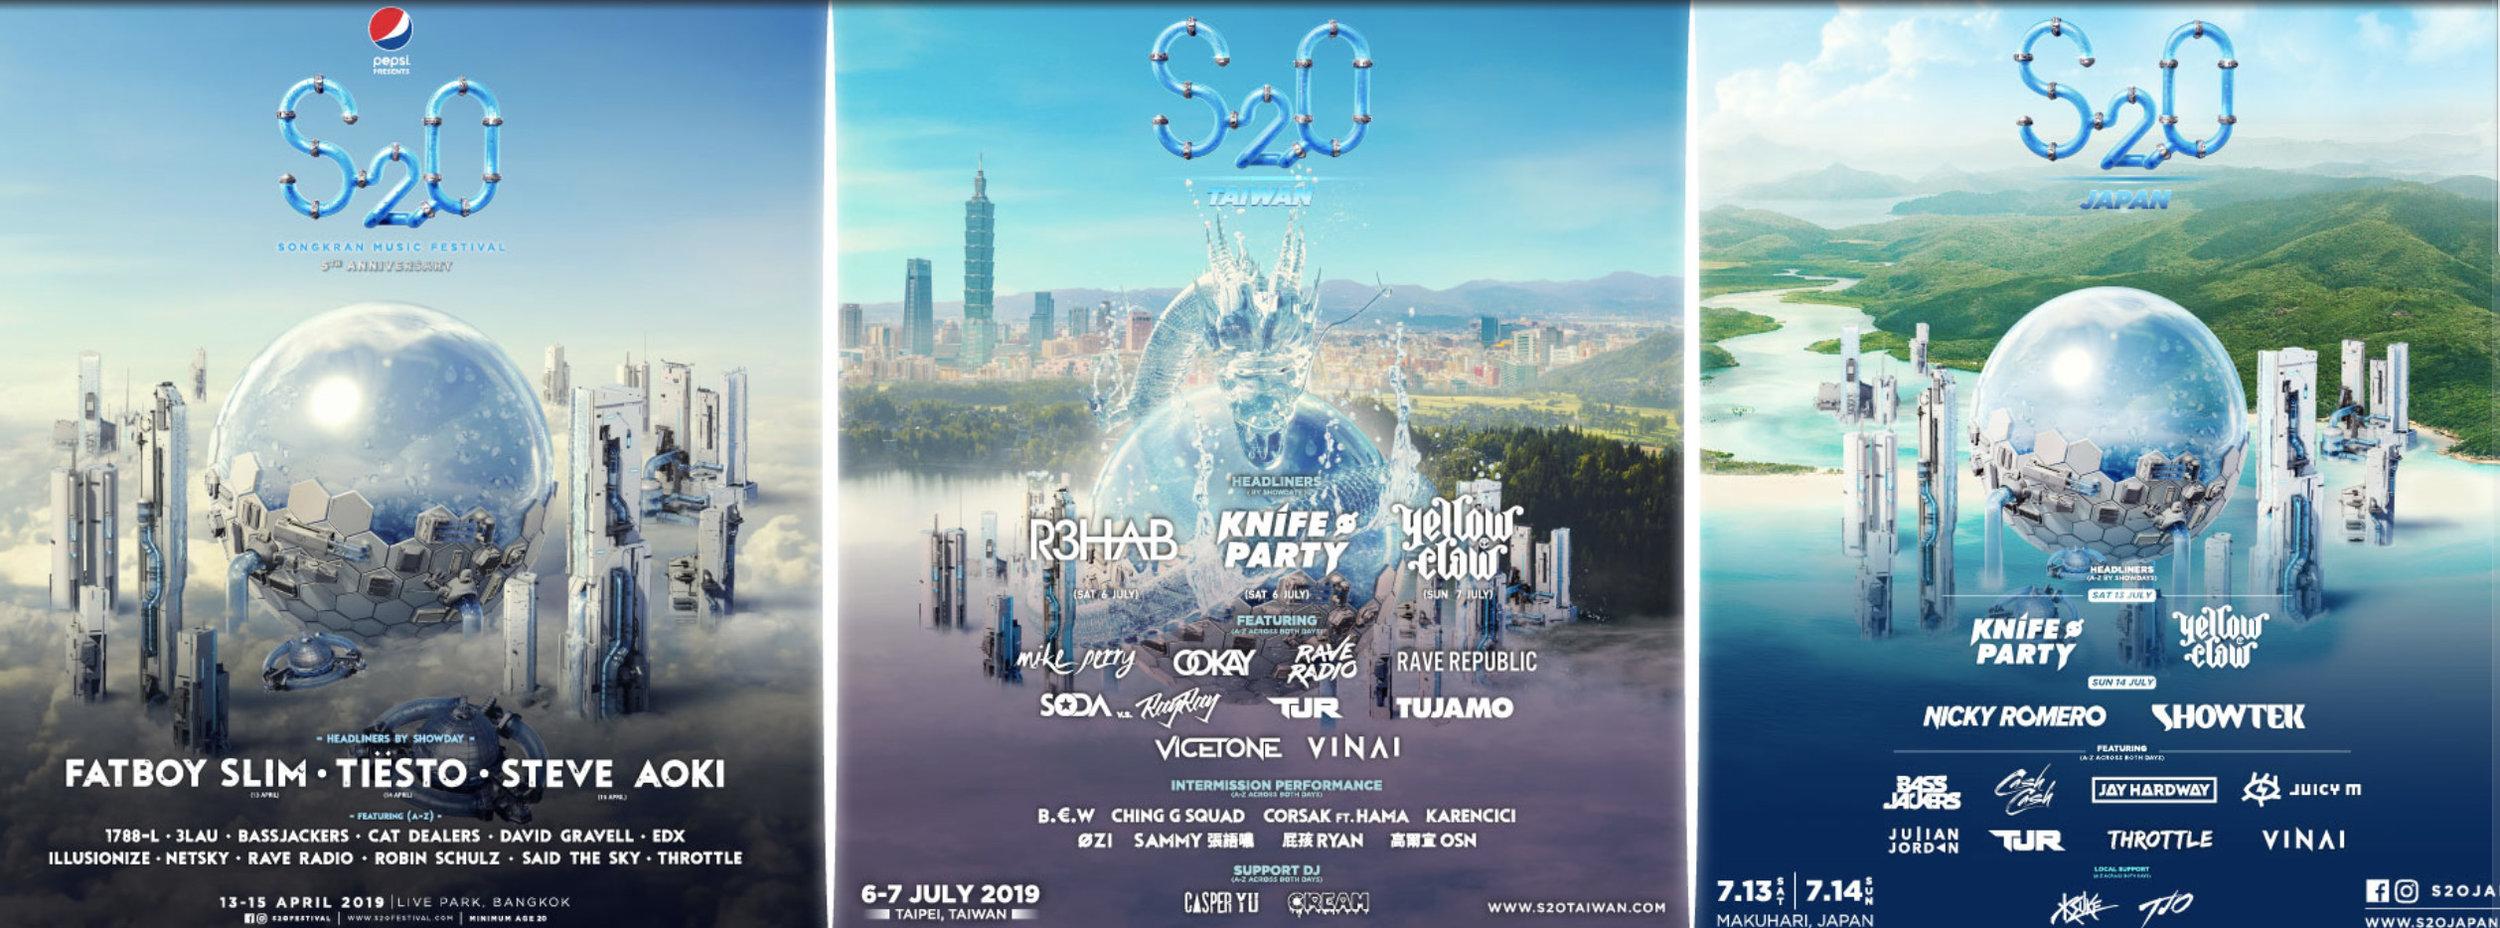 THE EVOLUTION OF S2O SONGKRAN MUSIC FESTIVAL ARTBOX-18.jpg